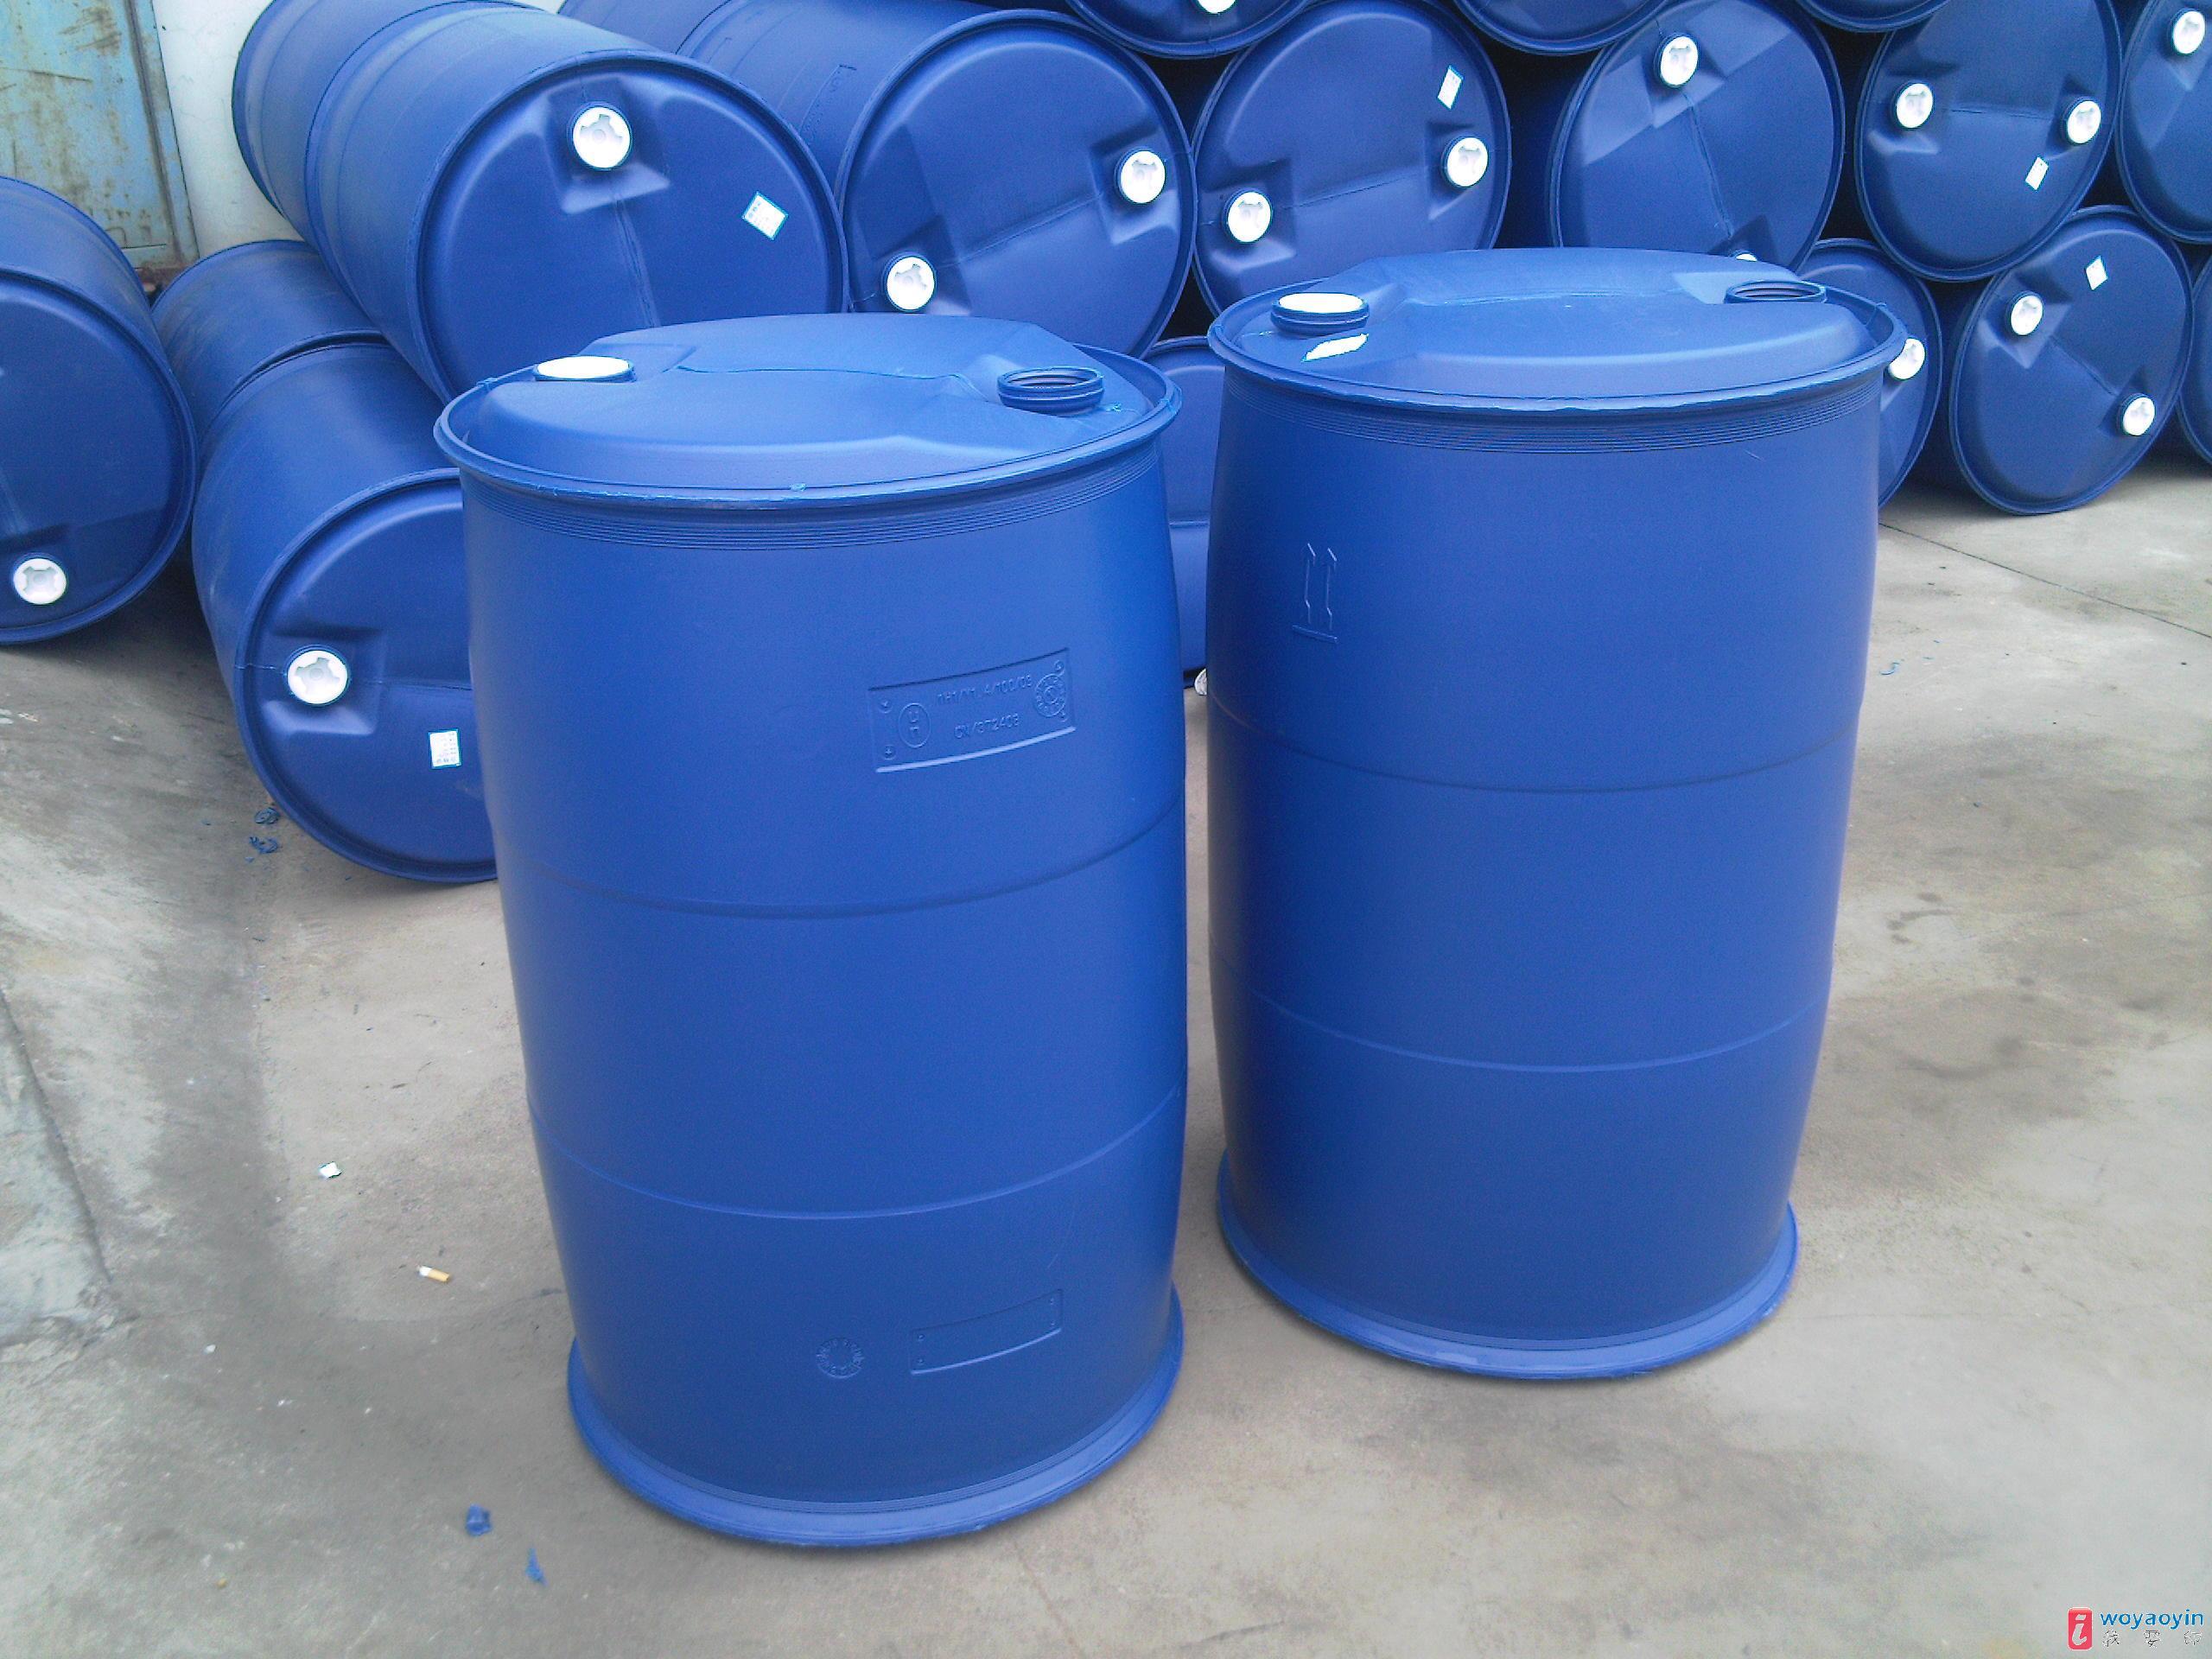 【供应】吉林200升塑料桶25升塑料桶